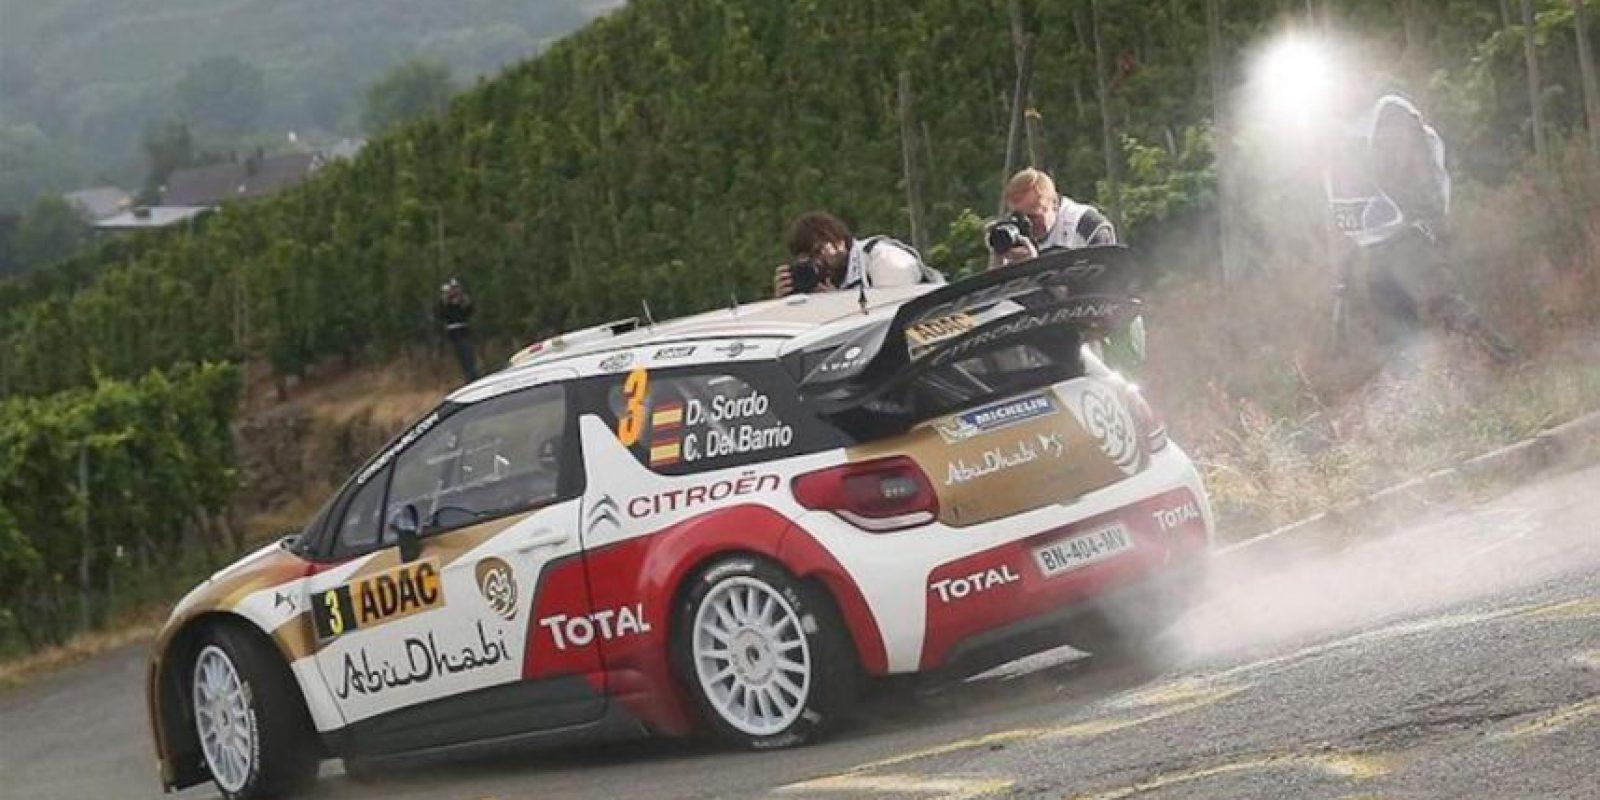 El piloto español Dani Sordo y su copiloto Carlos del Barrio en su Citroen DS3 WRC en el ADAC German Rally en Neumagen (Alemania). EFE